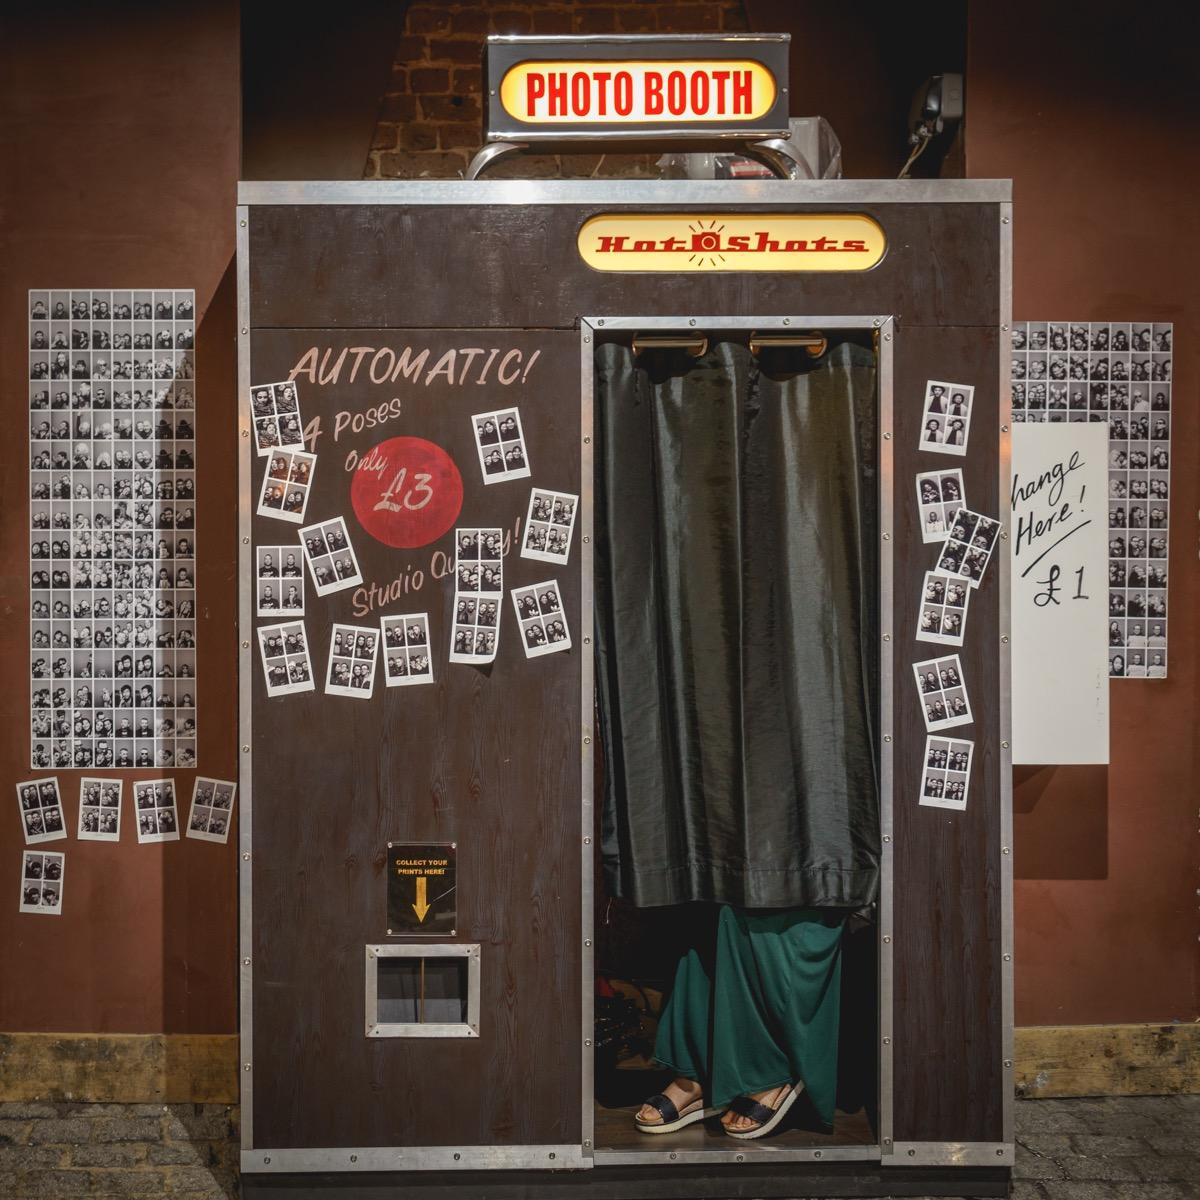 old photo booth, 1970s nostalgia